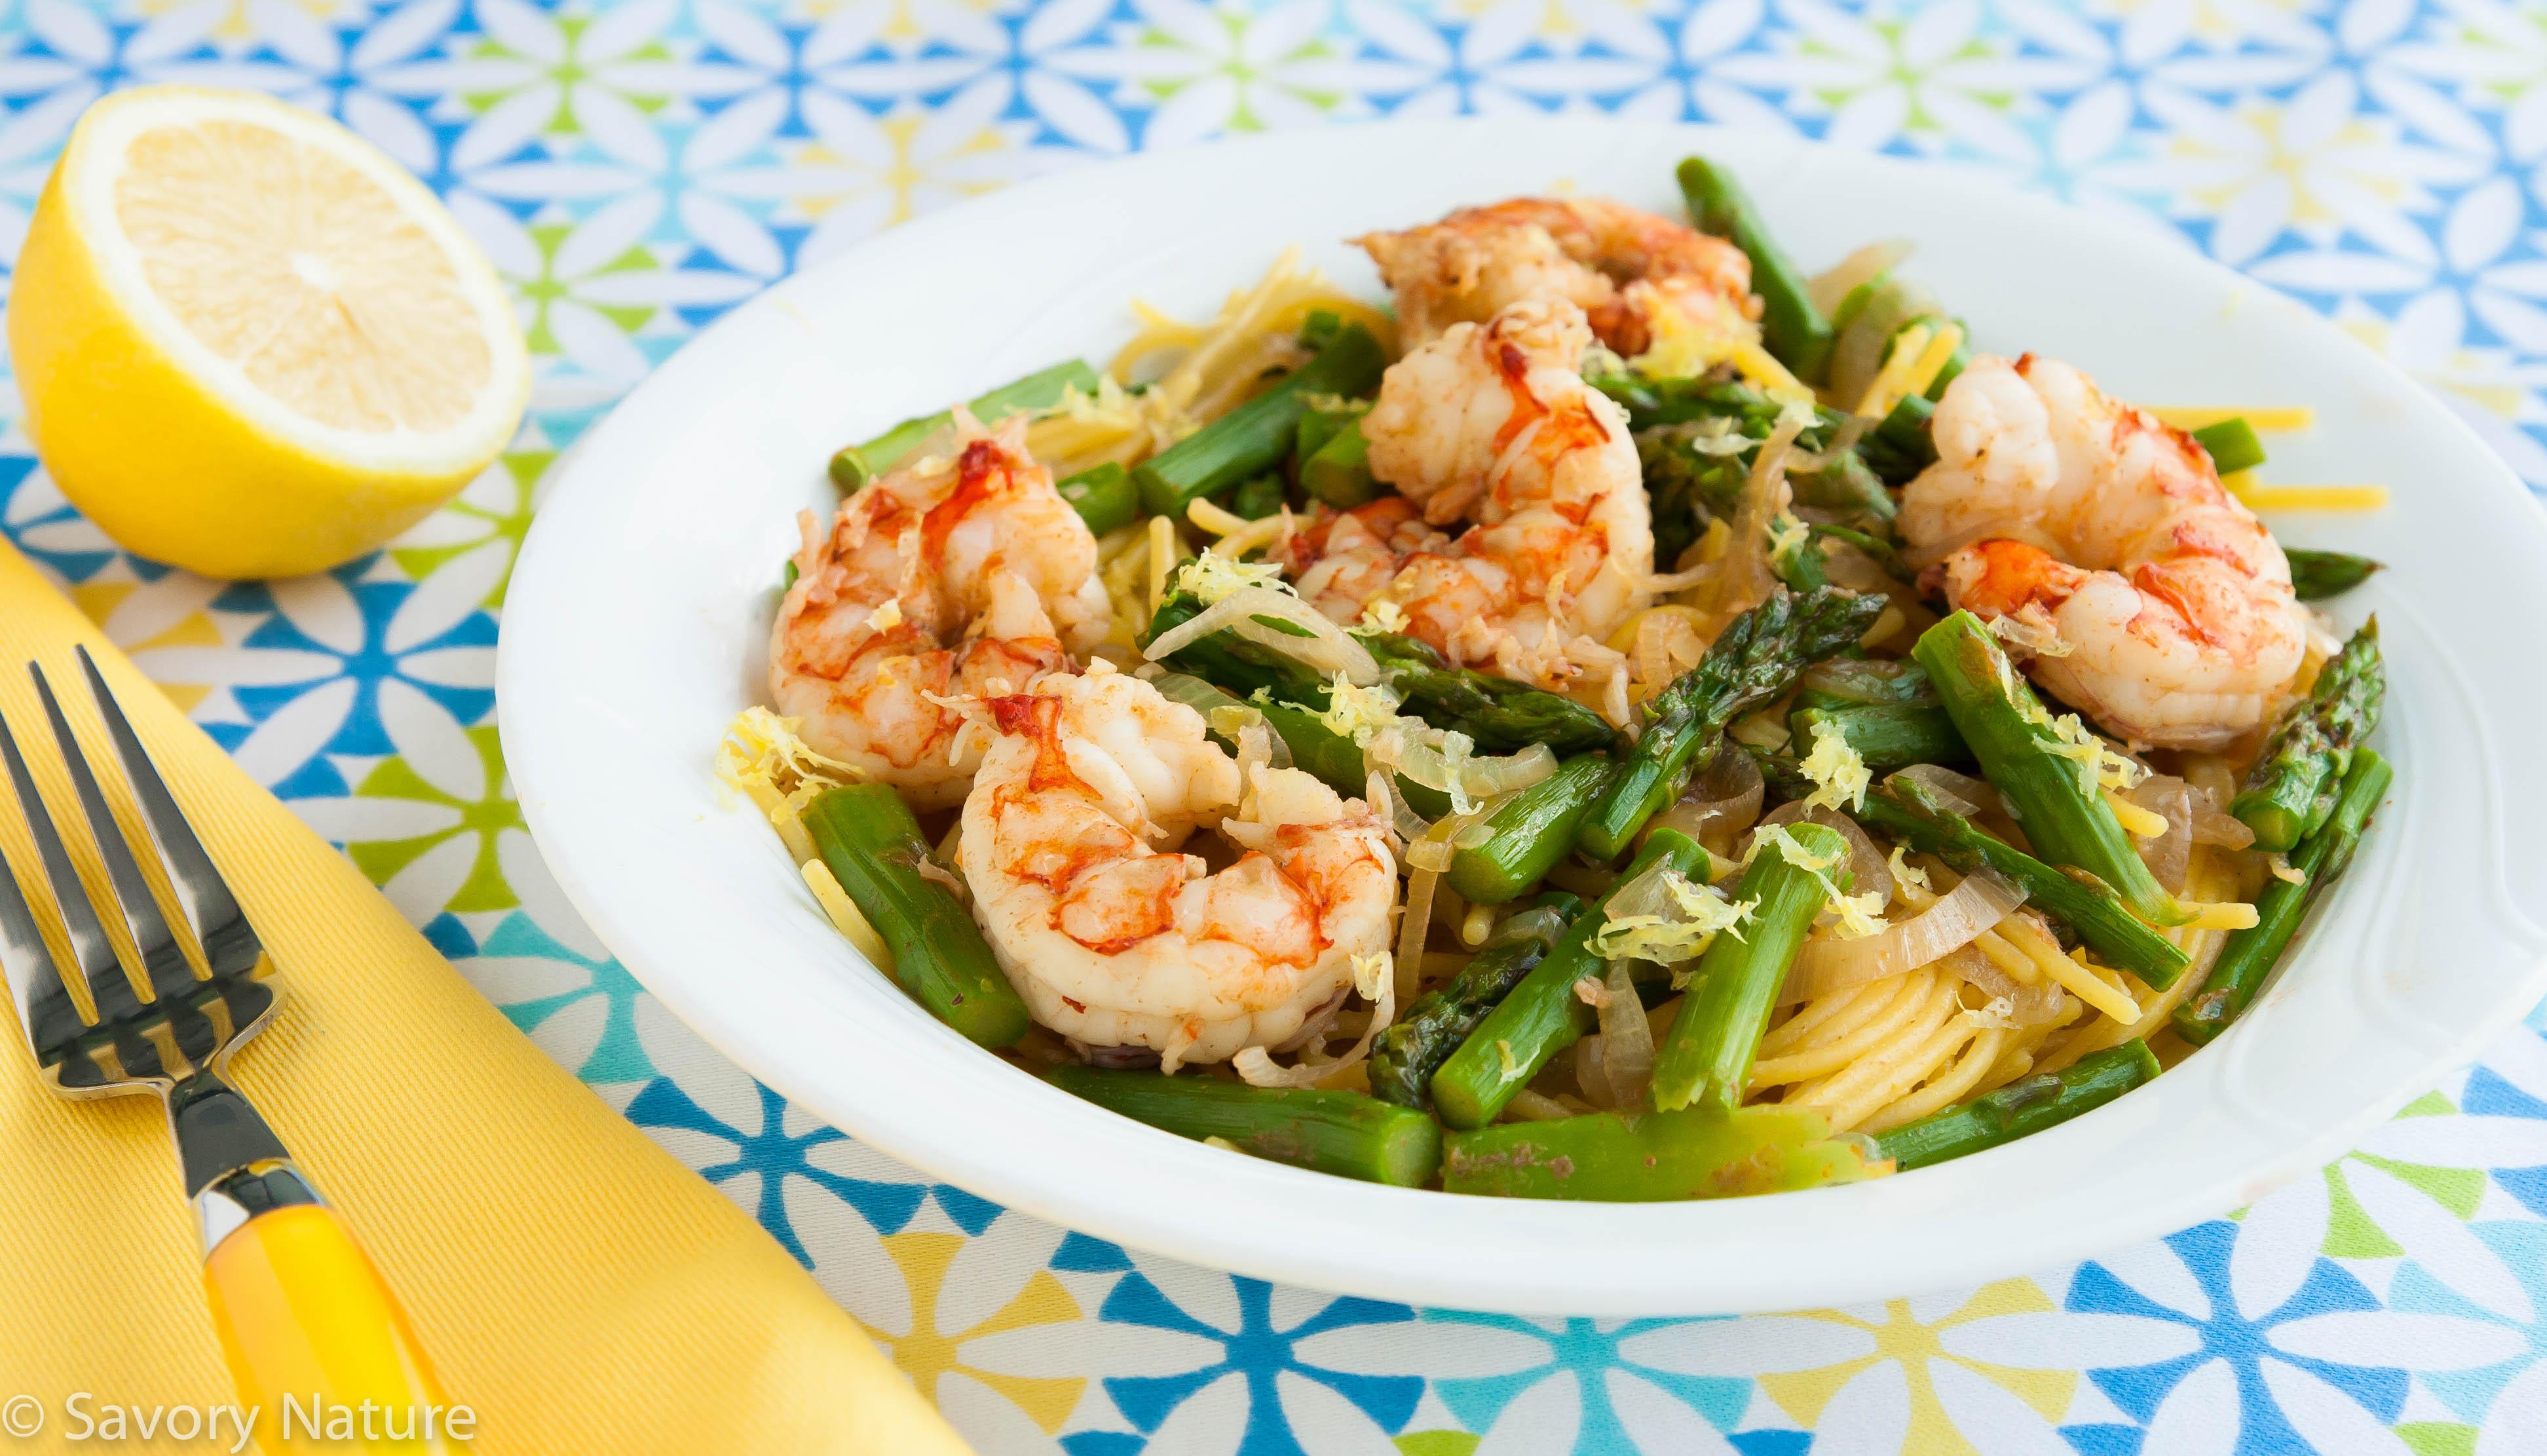 Asparagus and shrimp pasta recipe